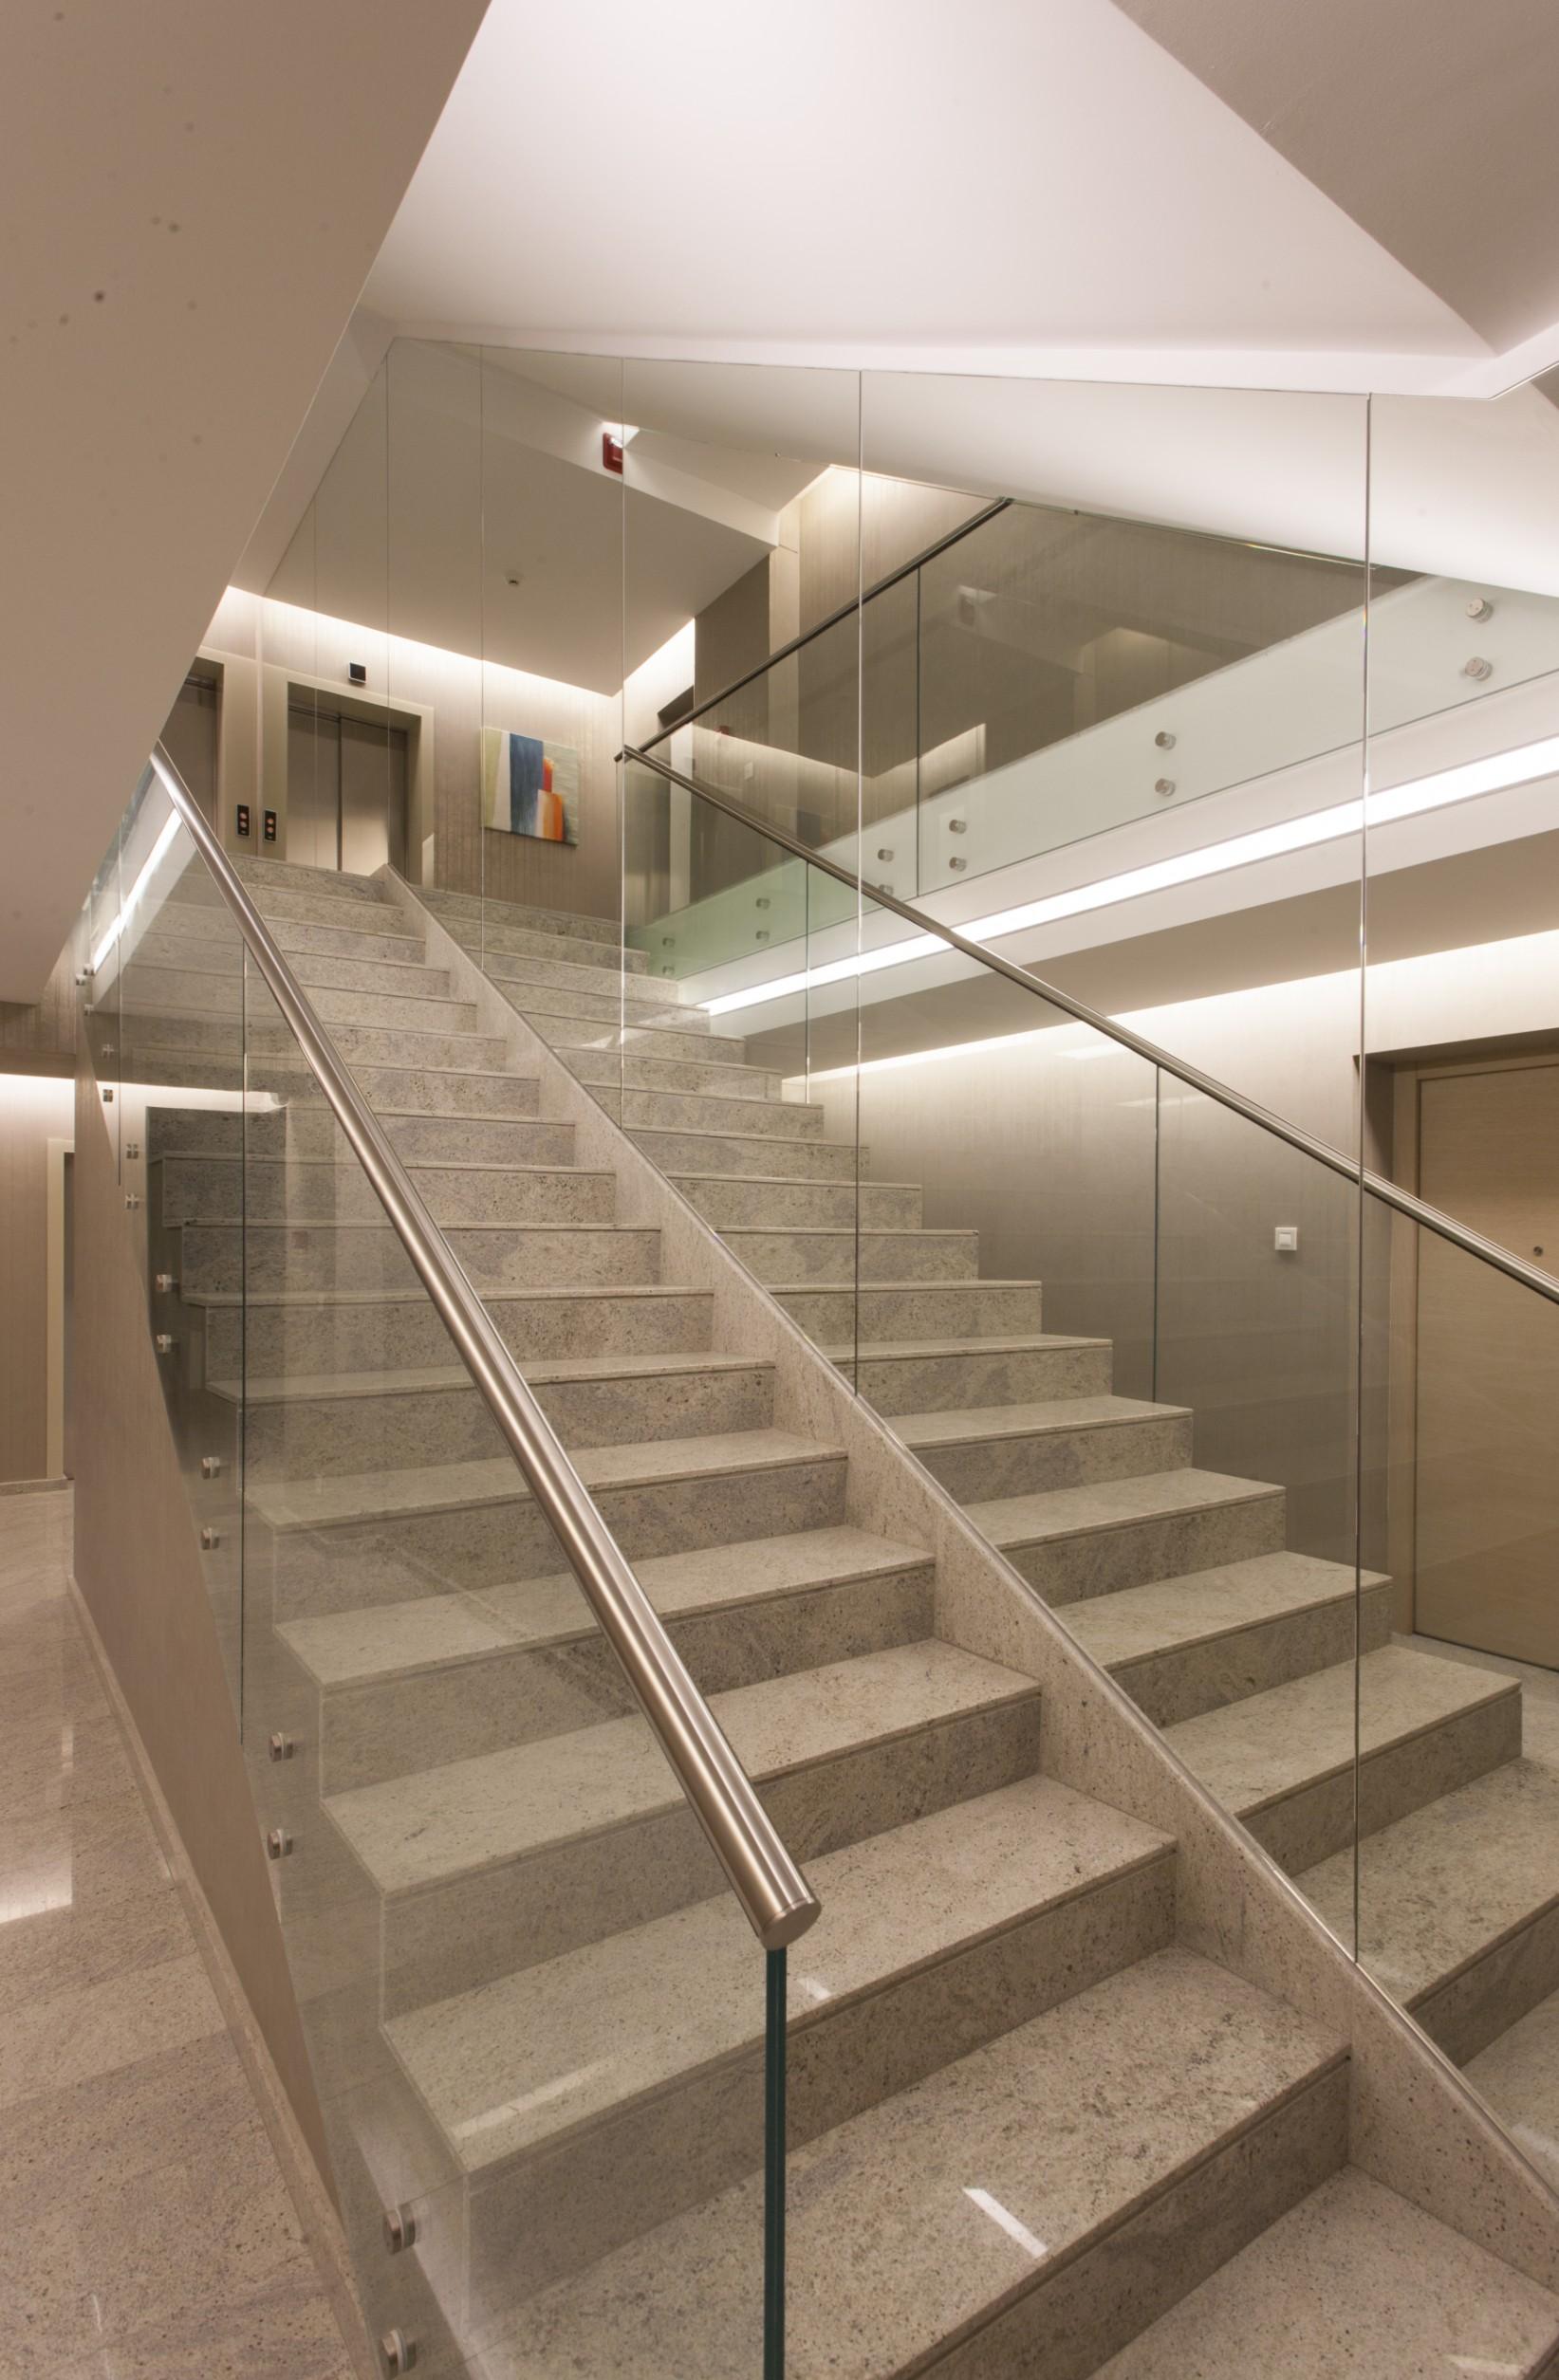 https://nbc-arhitect.ro/wp-content/uploads/2020/11/NBC-Arhitect-_-interior-design-_-Petofi-Sandor-_-Romania_11.jpg